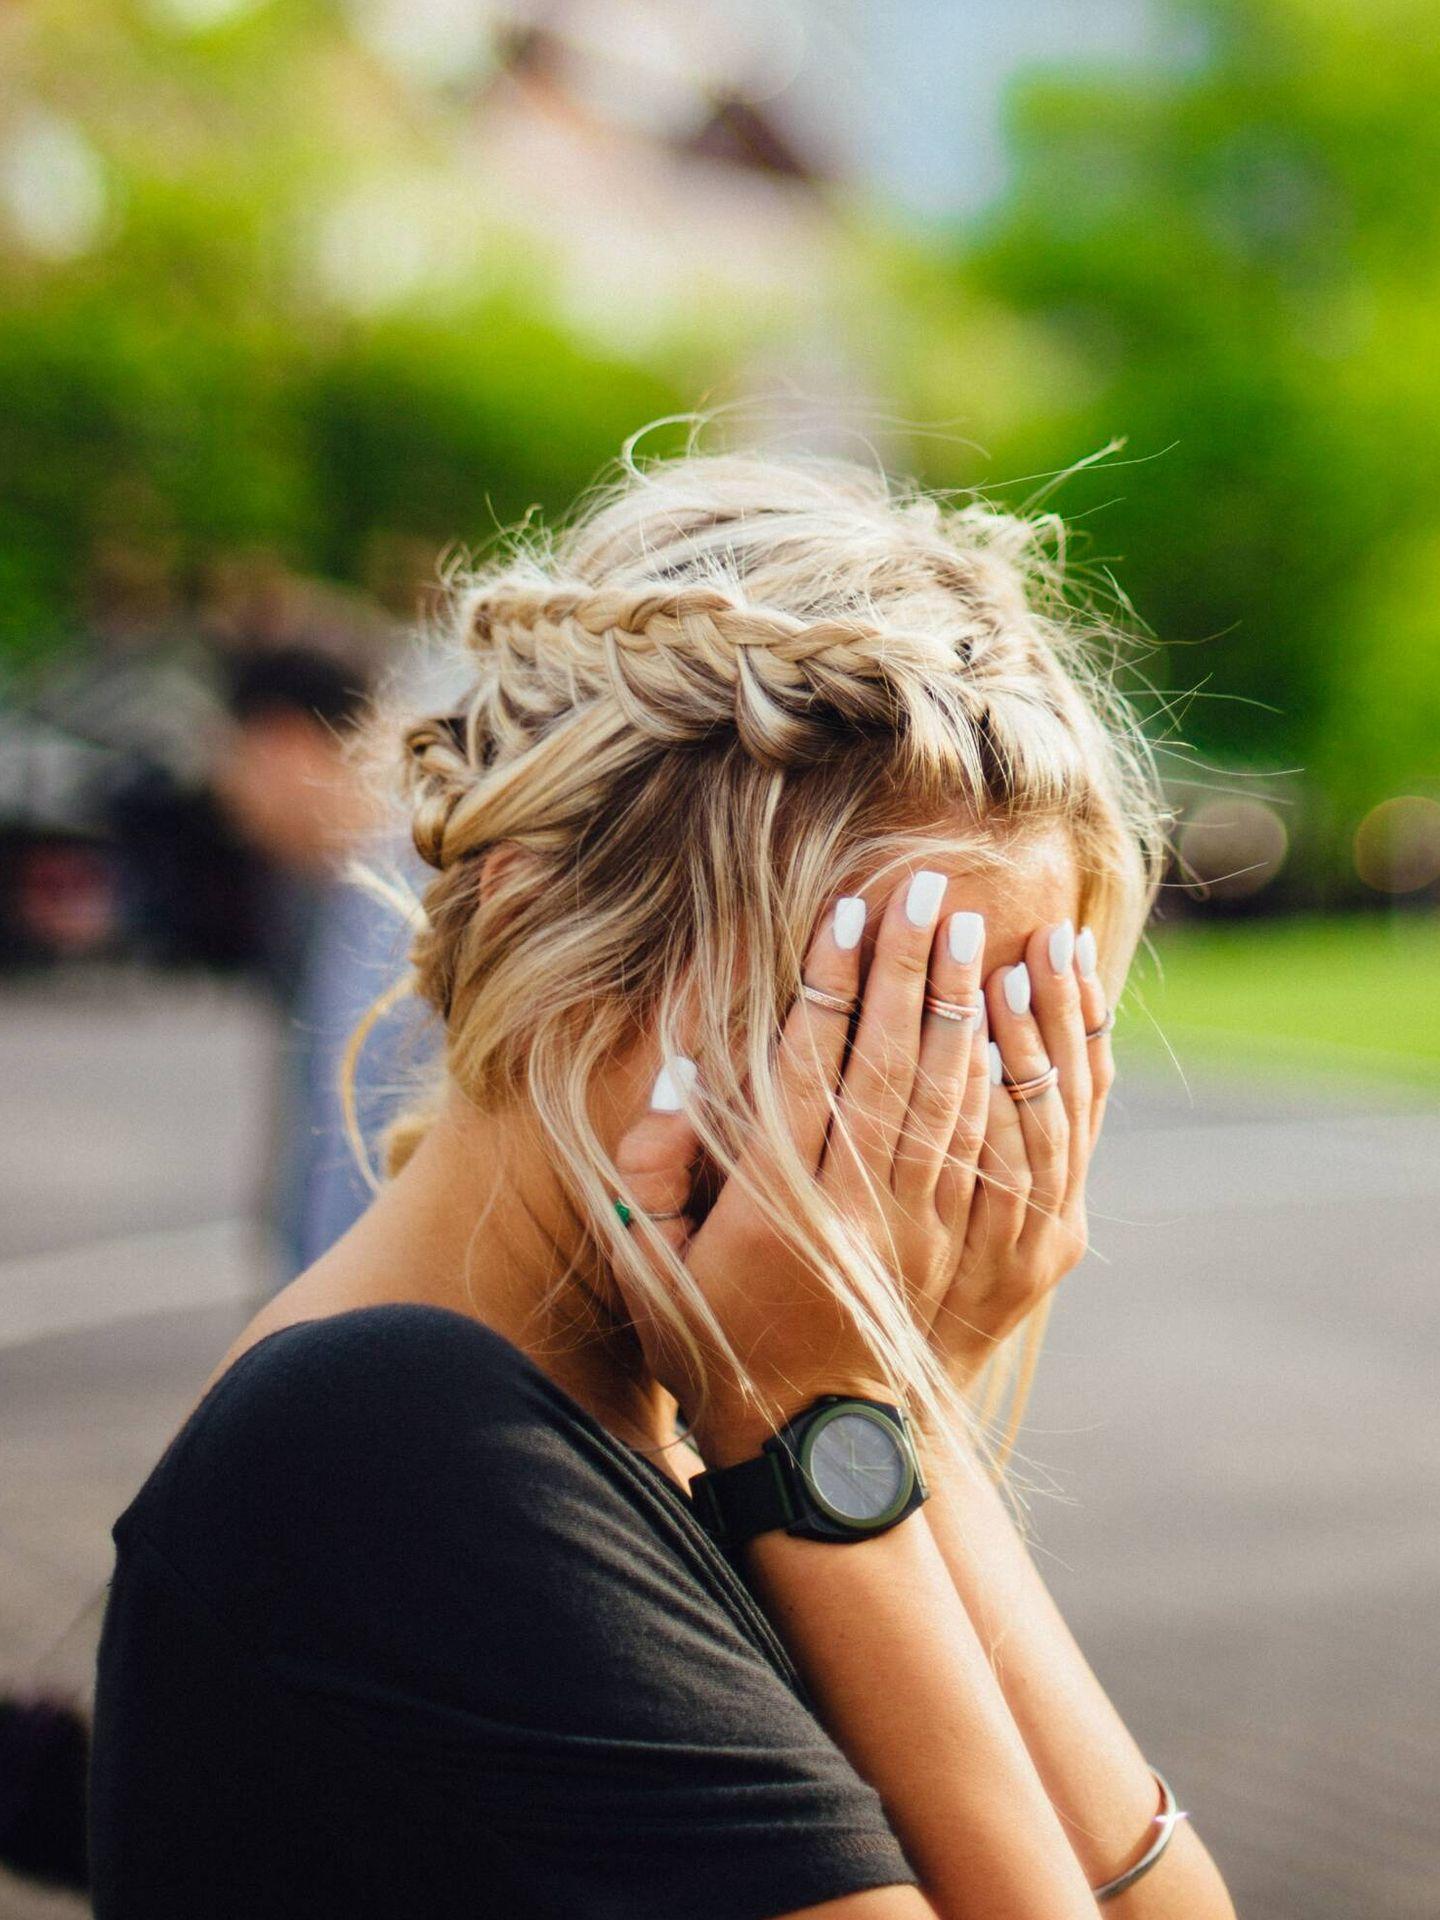 La decoloración de la dermis puede representar un estigma. (Abigail Keenan para Unsplash)